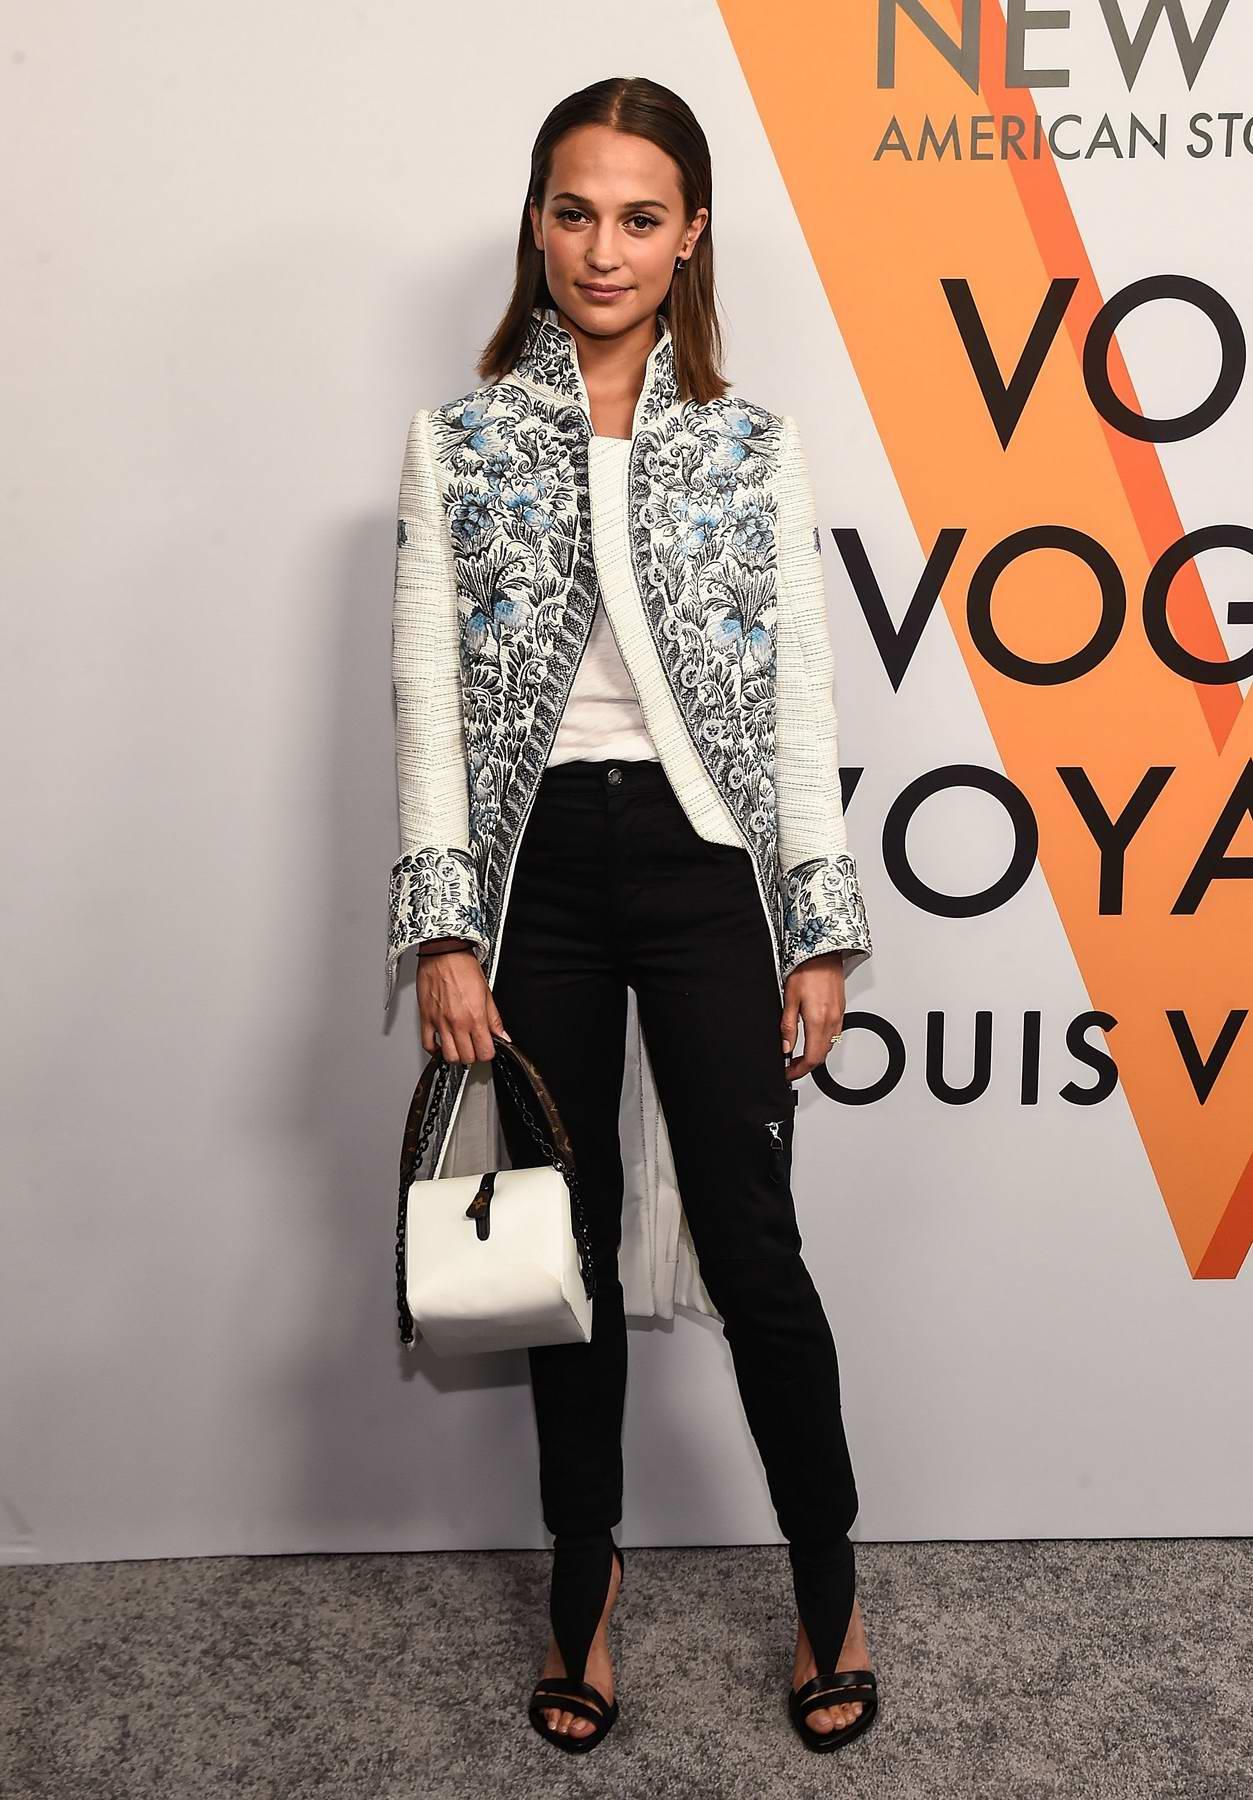 Alicia Vikander at Louis Vuitton 'Volez, Voguez, Voyagez' exhibition opening in New York